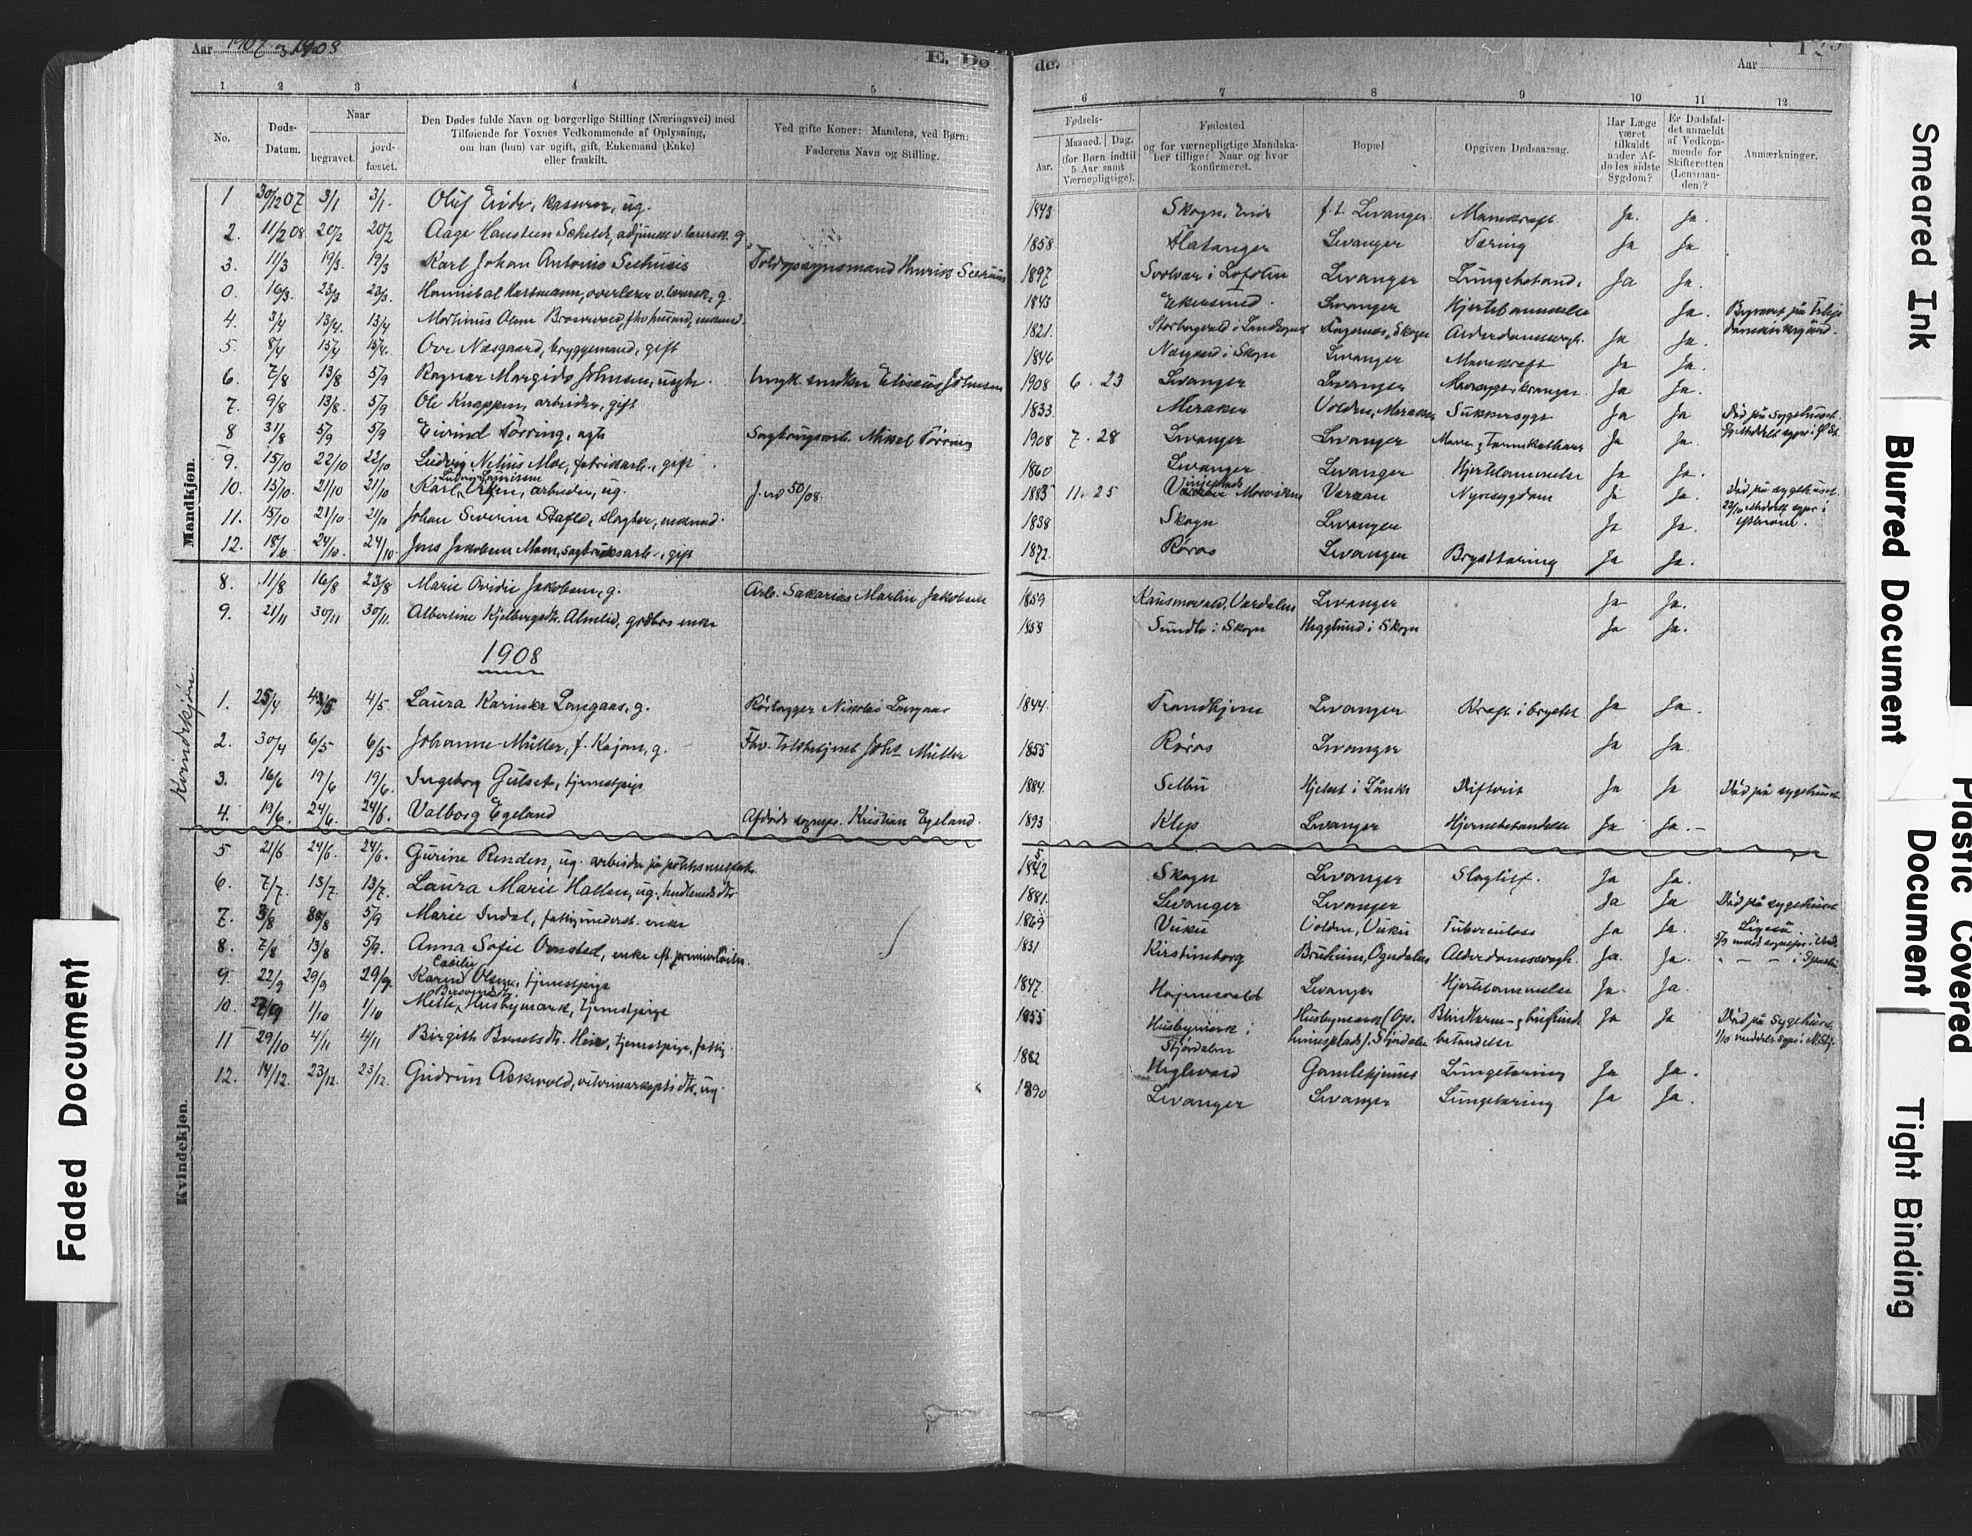 SAT, Ministerialprotokoller, klokkerbøker og fødselsregistre - Nord-Trøndelag, 720/L0189: Ministerialbok nr. 720A05, 1880-1911, s. 129